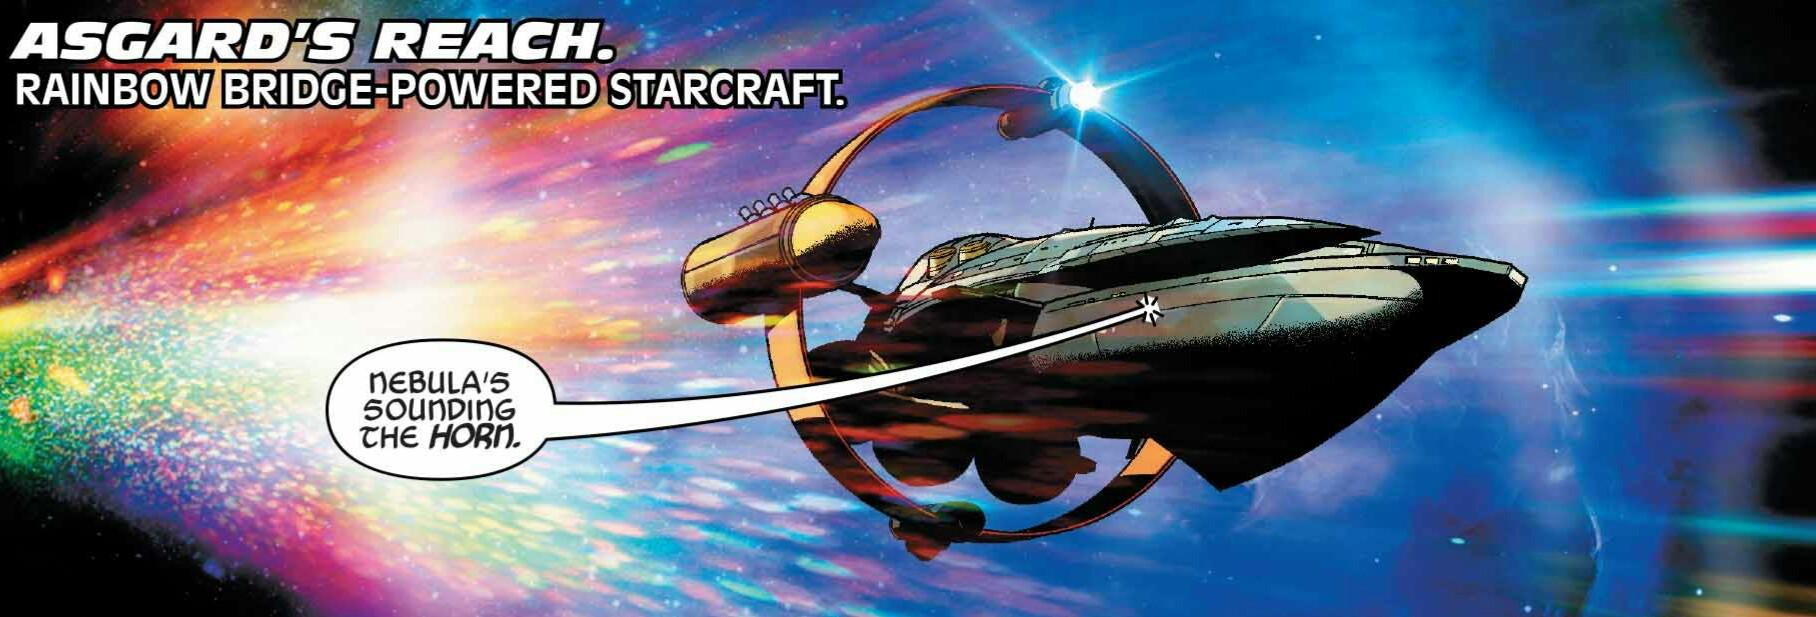 Asgard's Reach/Gallery